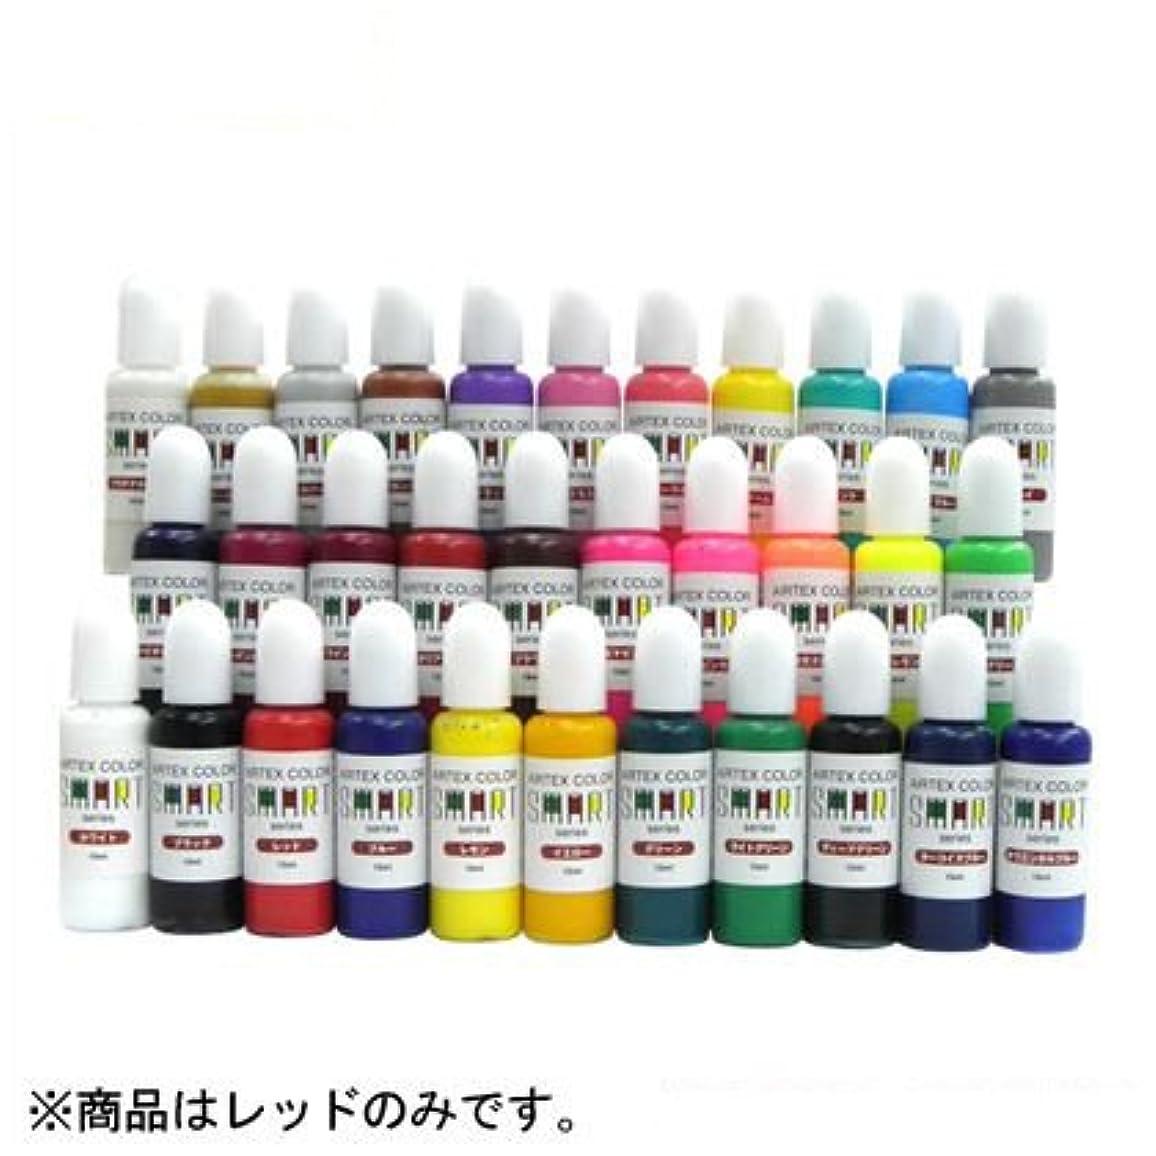 対人書士谷エアテックス カラースマートシリーズ レッド ACS03